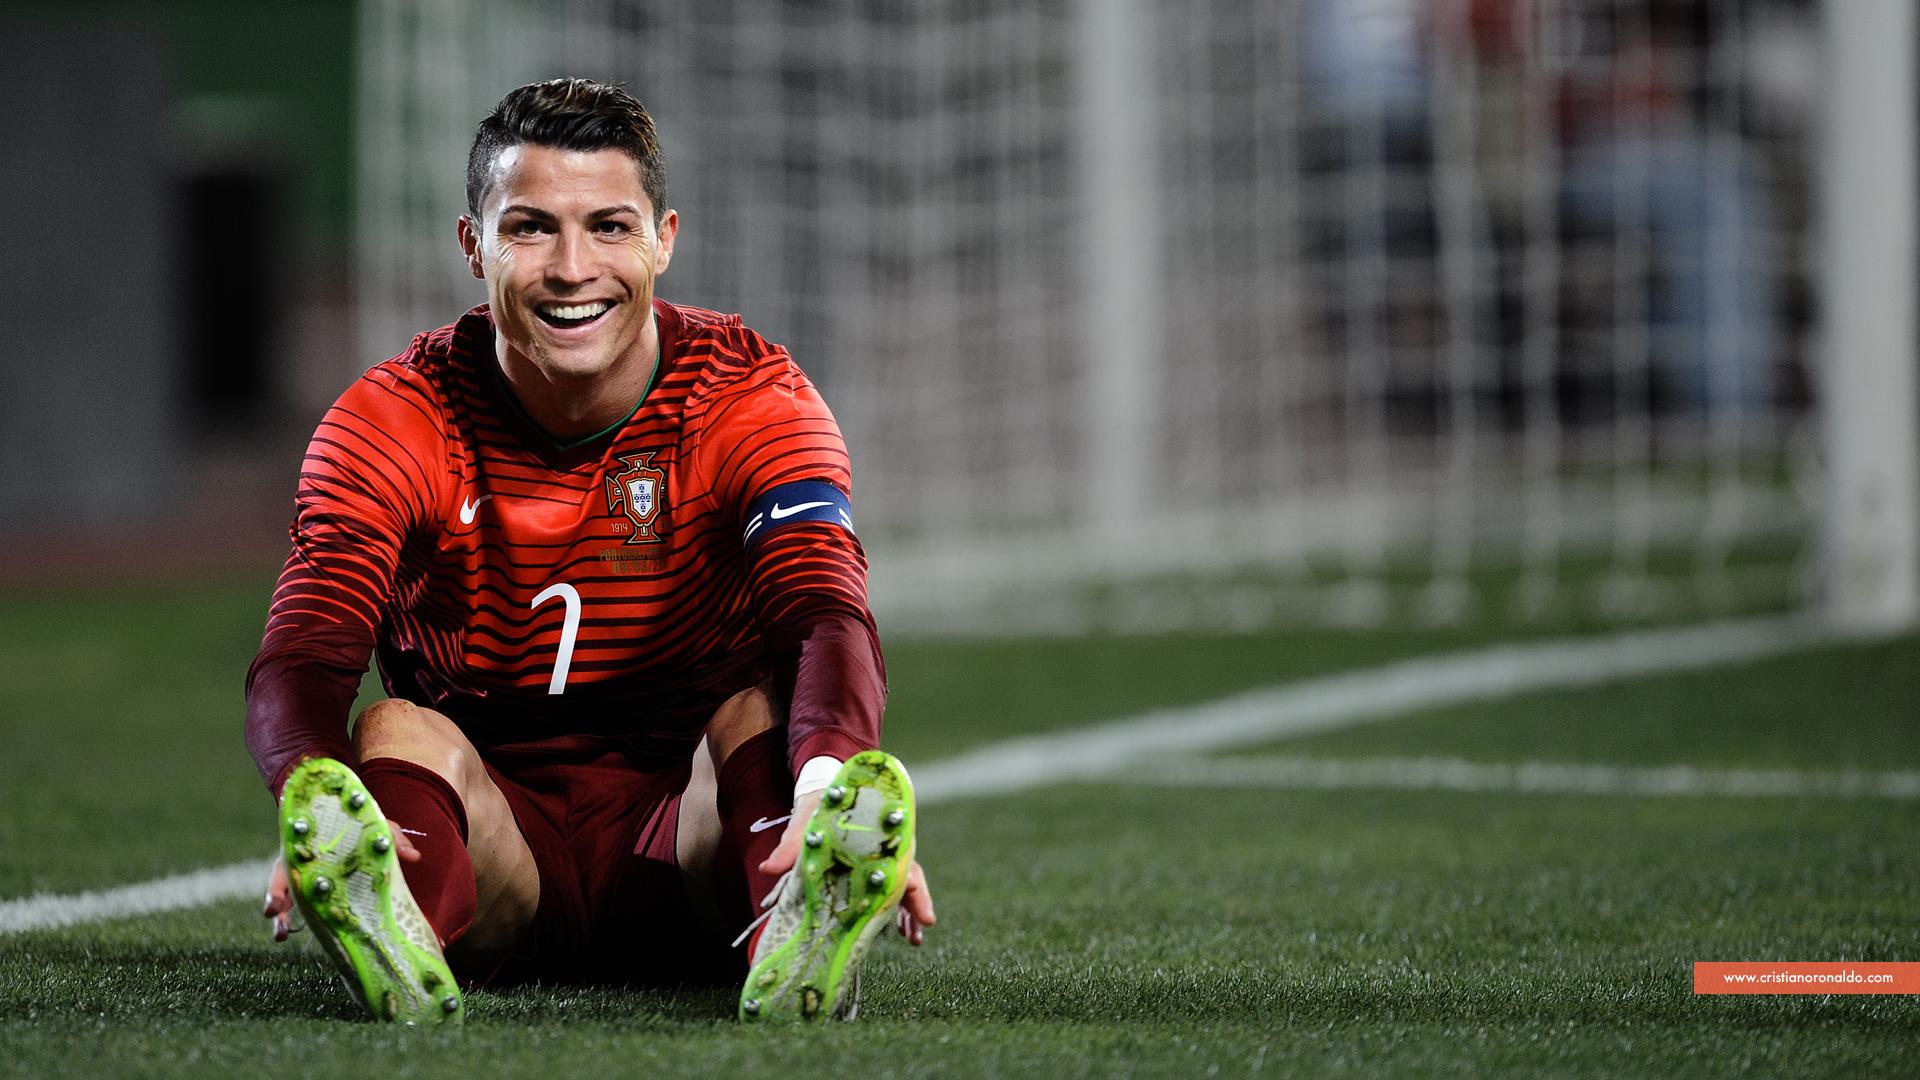 Las Mejores Imágenes HD y Gifs de Cristiano Ronaldo 2015 - Taringa!